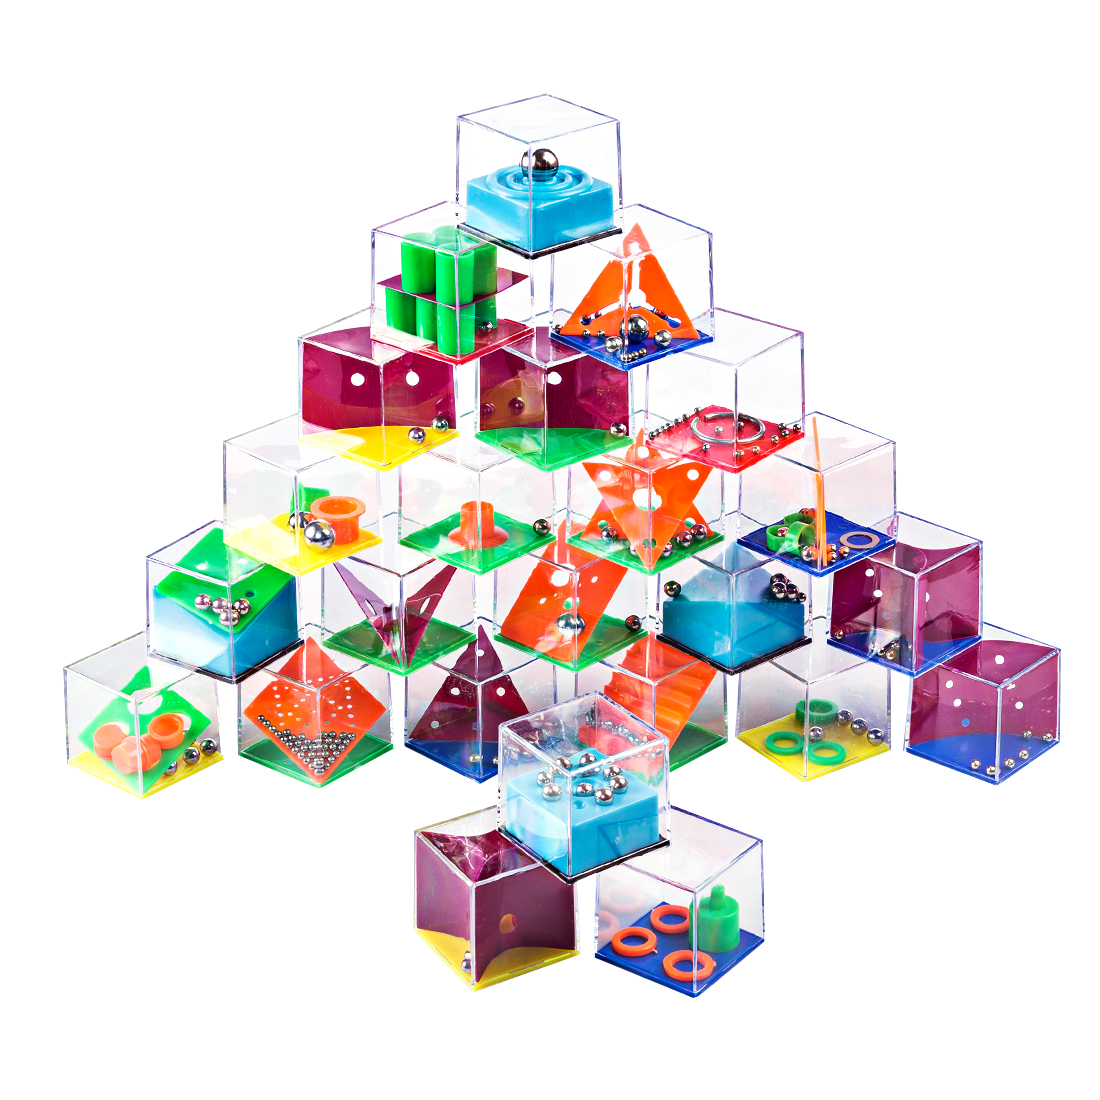 24 pces crianças brinquedos educativos 3d quebra-cabeça labirinto com grânulo jogo para adultos cubo cognição puzzle caixa enfant aprendizagem brinquedo jogos de mão